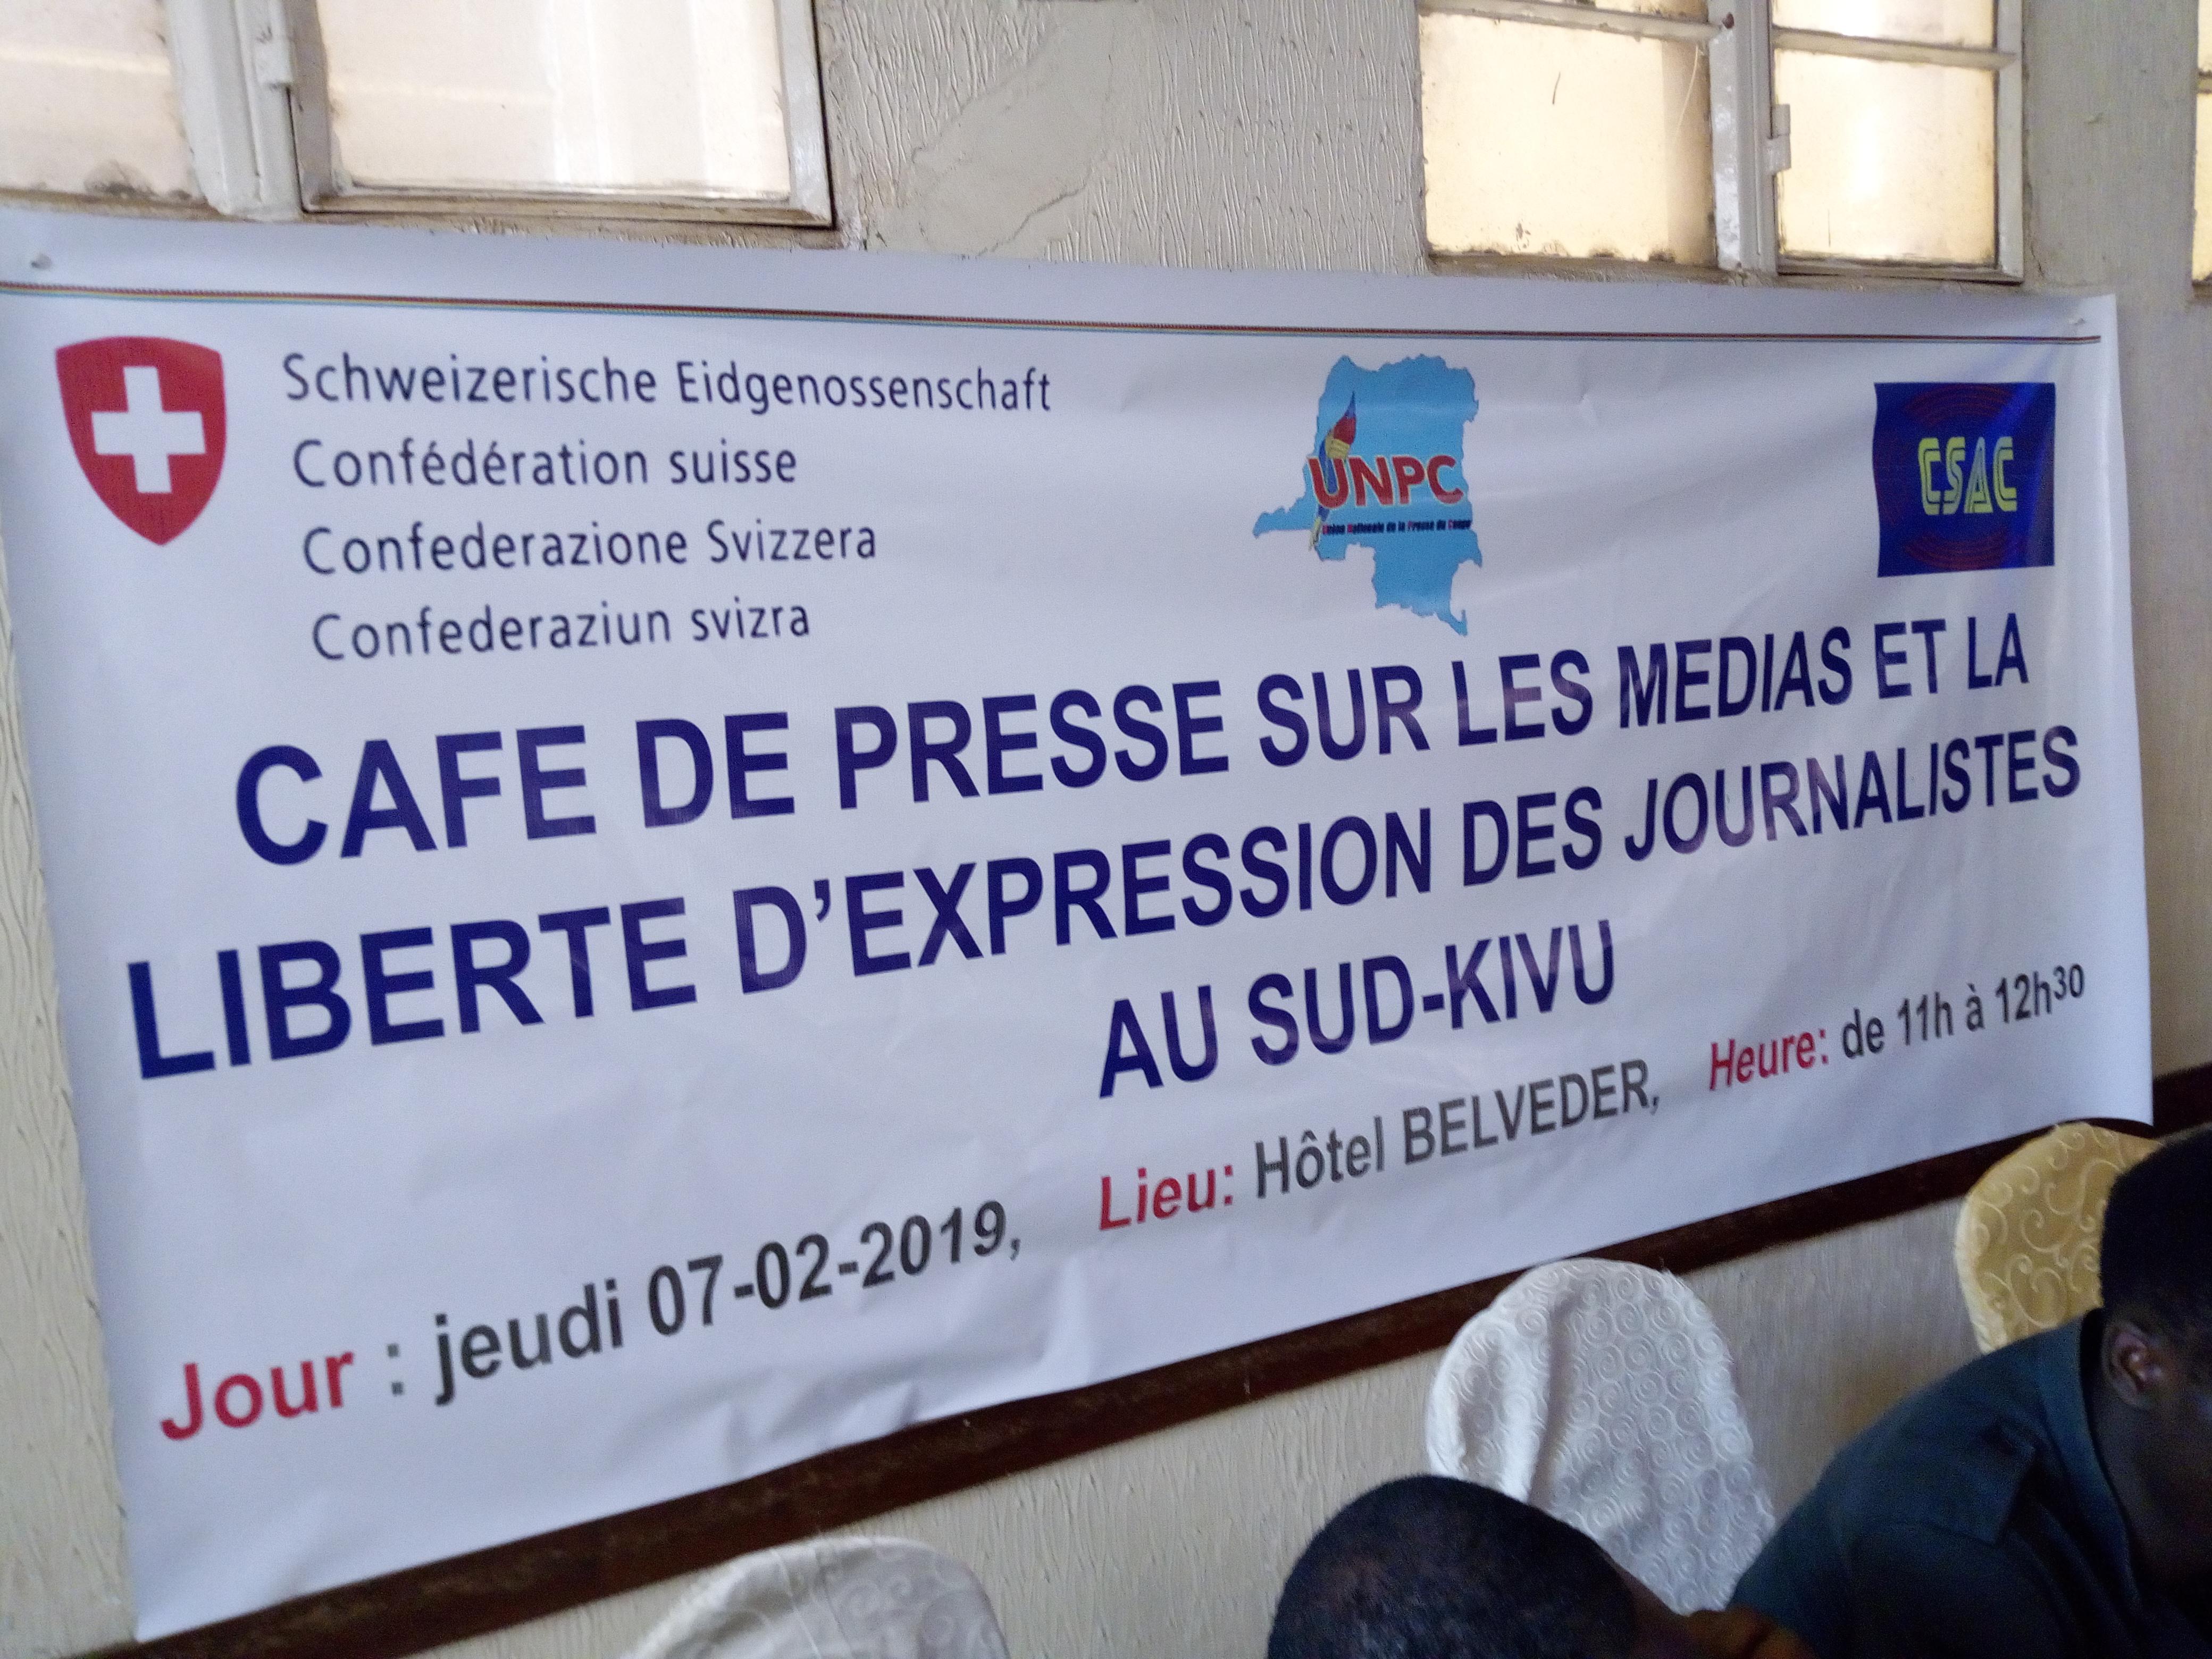 Bukavu : l'UNPC appelle les journalistes au professionnalisme dans l'exercice de leur travail